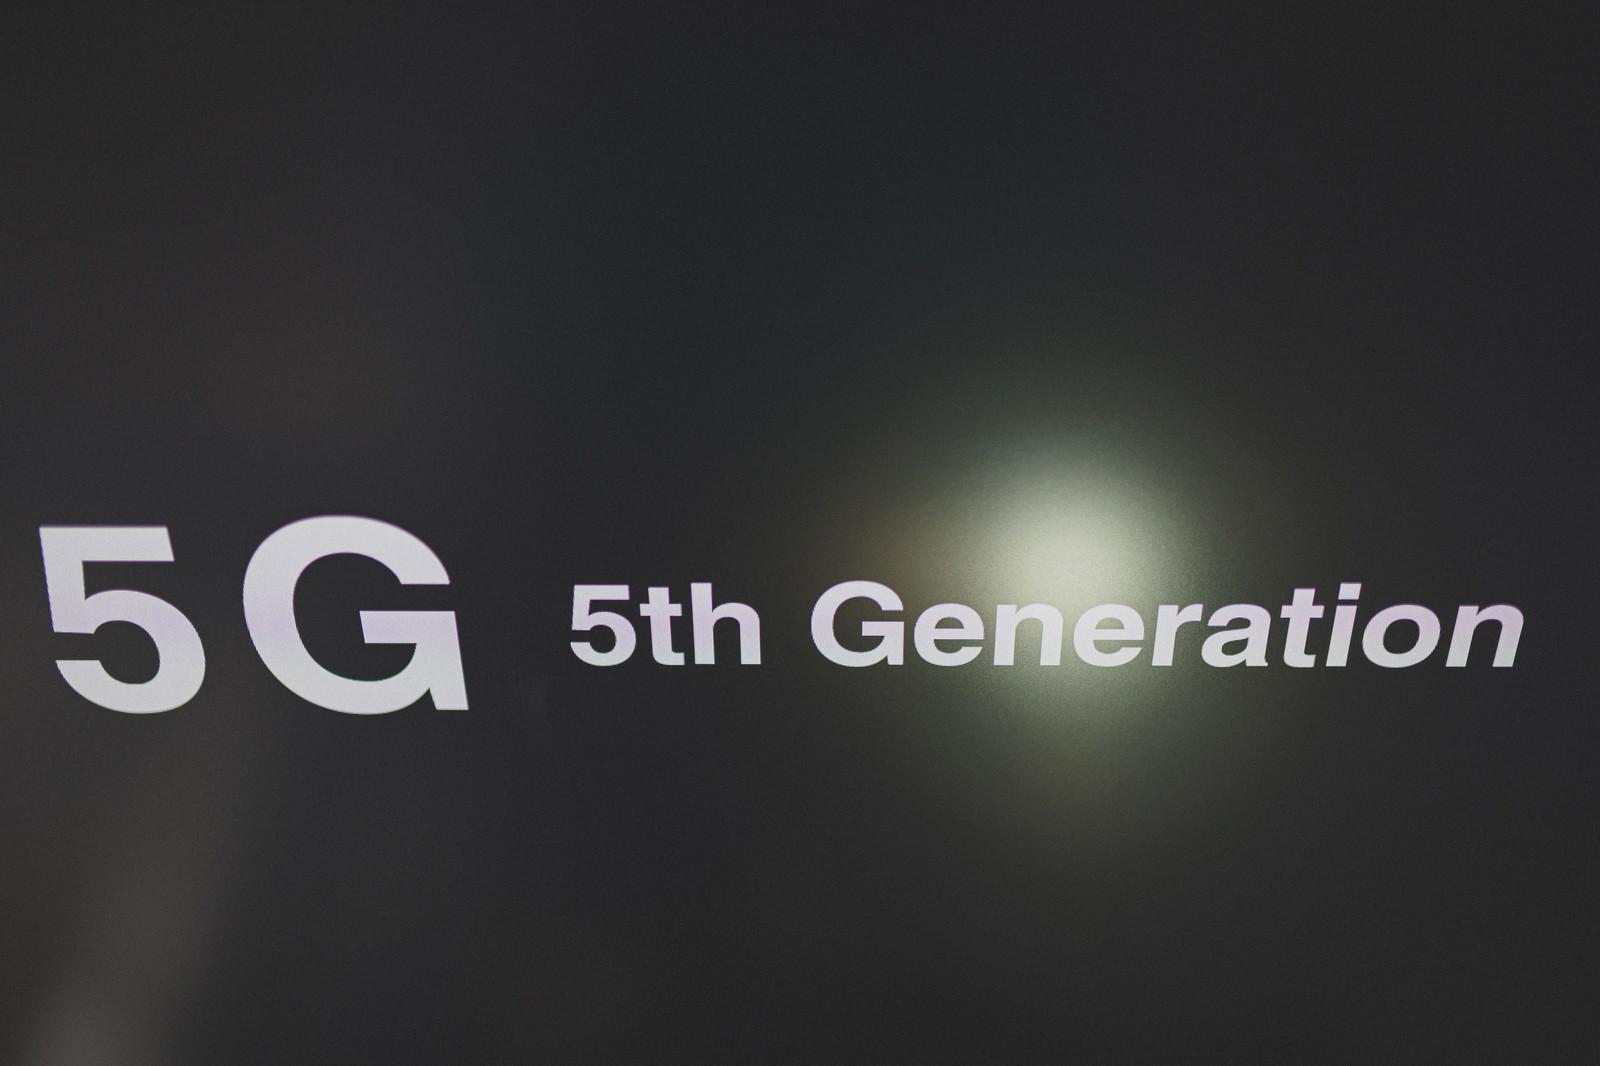 「第5世代移動通信システム(5G)」の写真